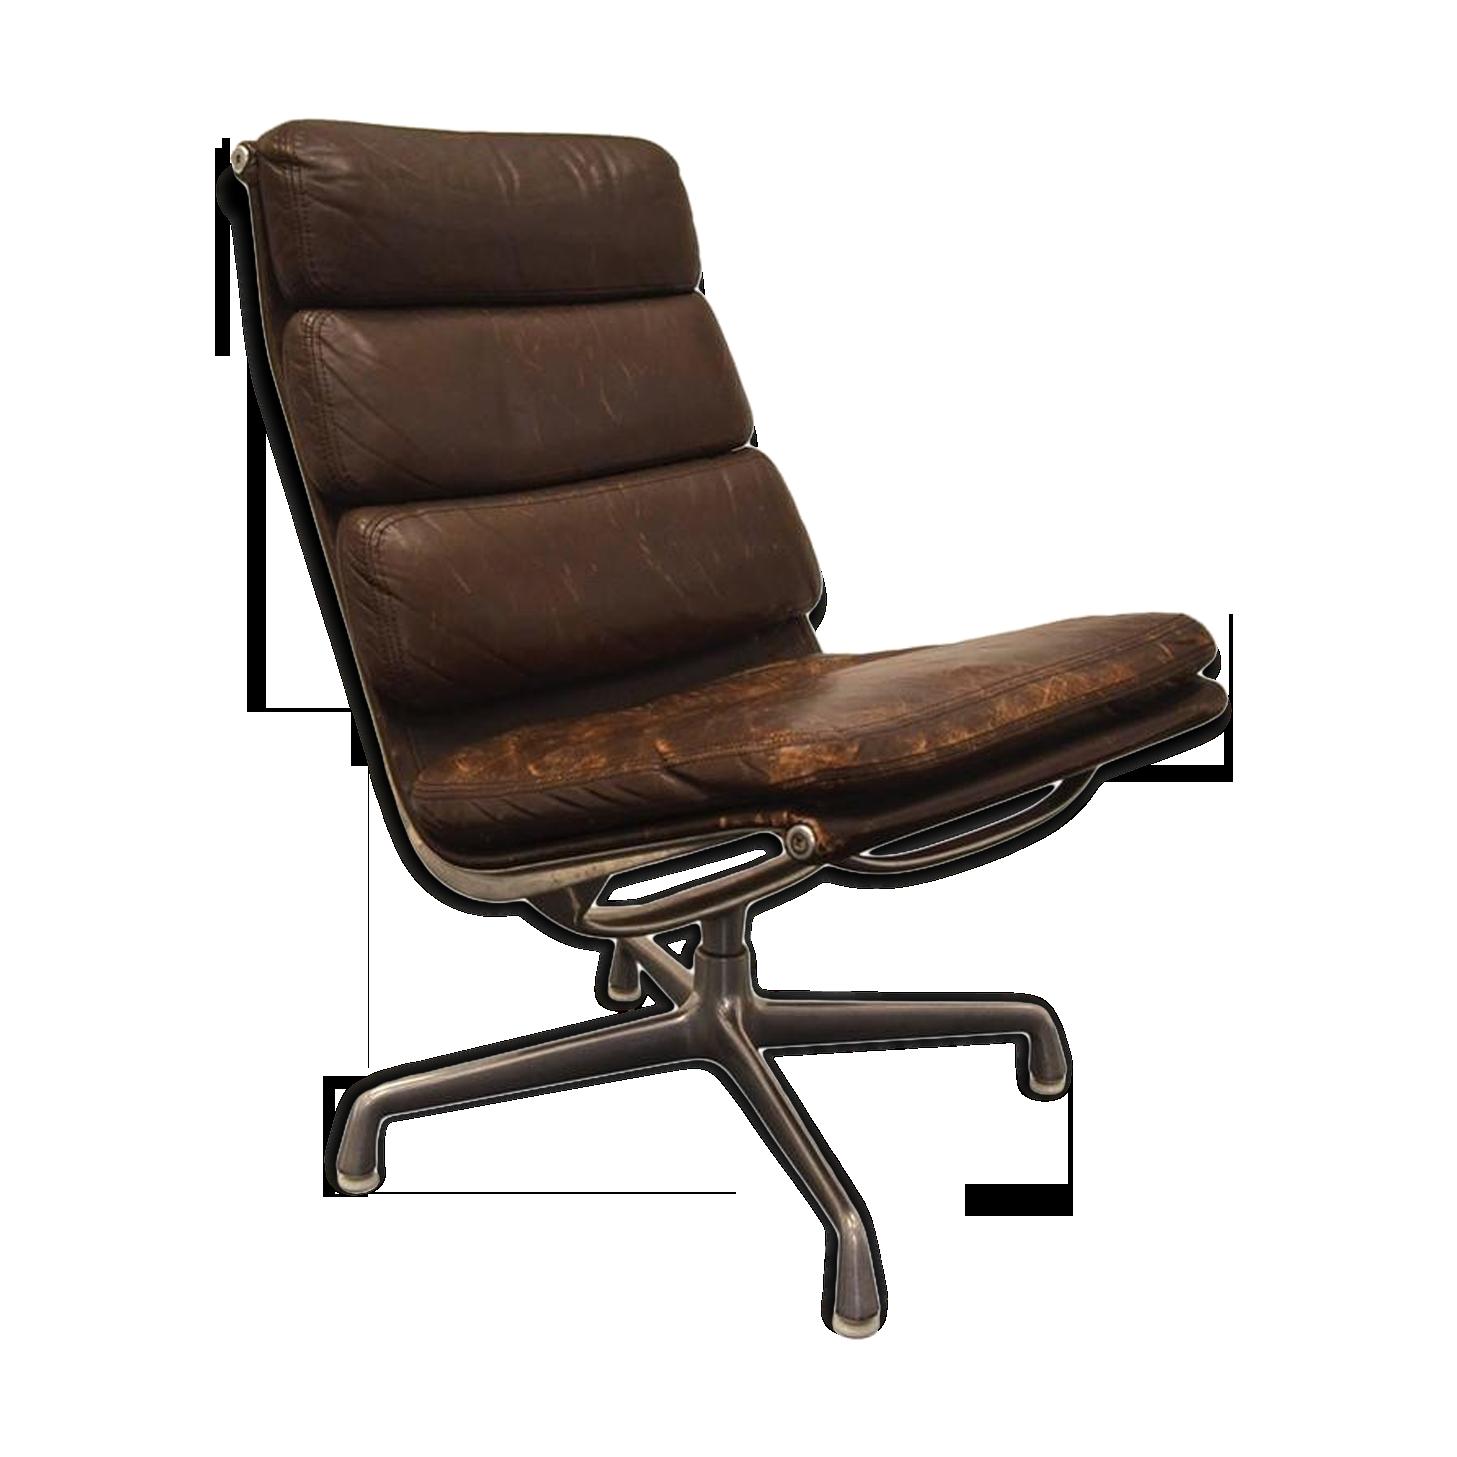 Fauteuil de bureau par Eames pour Herman Miller cuir marron